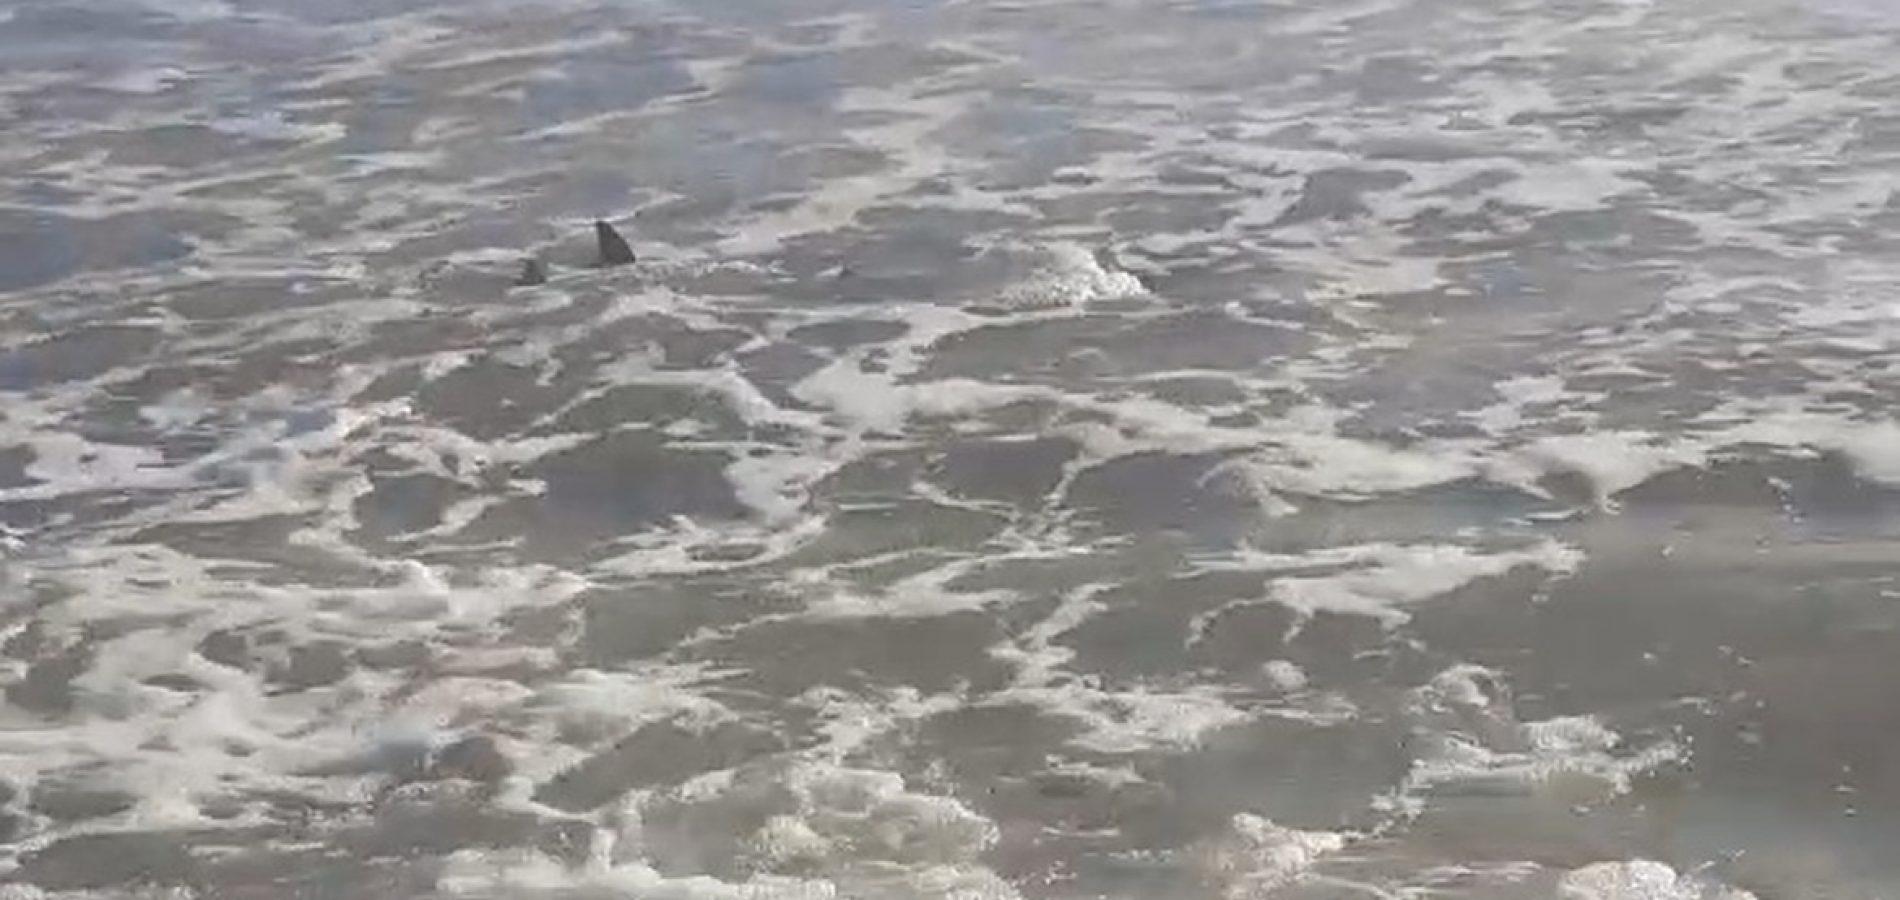 PI tem praias lotadas e bombeiros alertam sobre presença de tubarões no mar: 'evitem entrar na água'